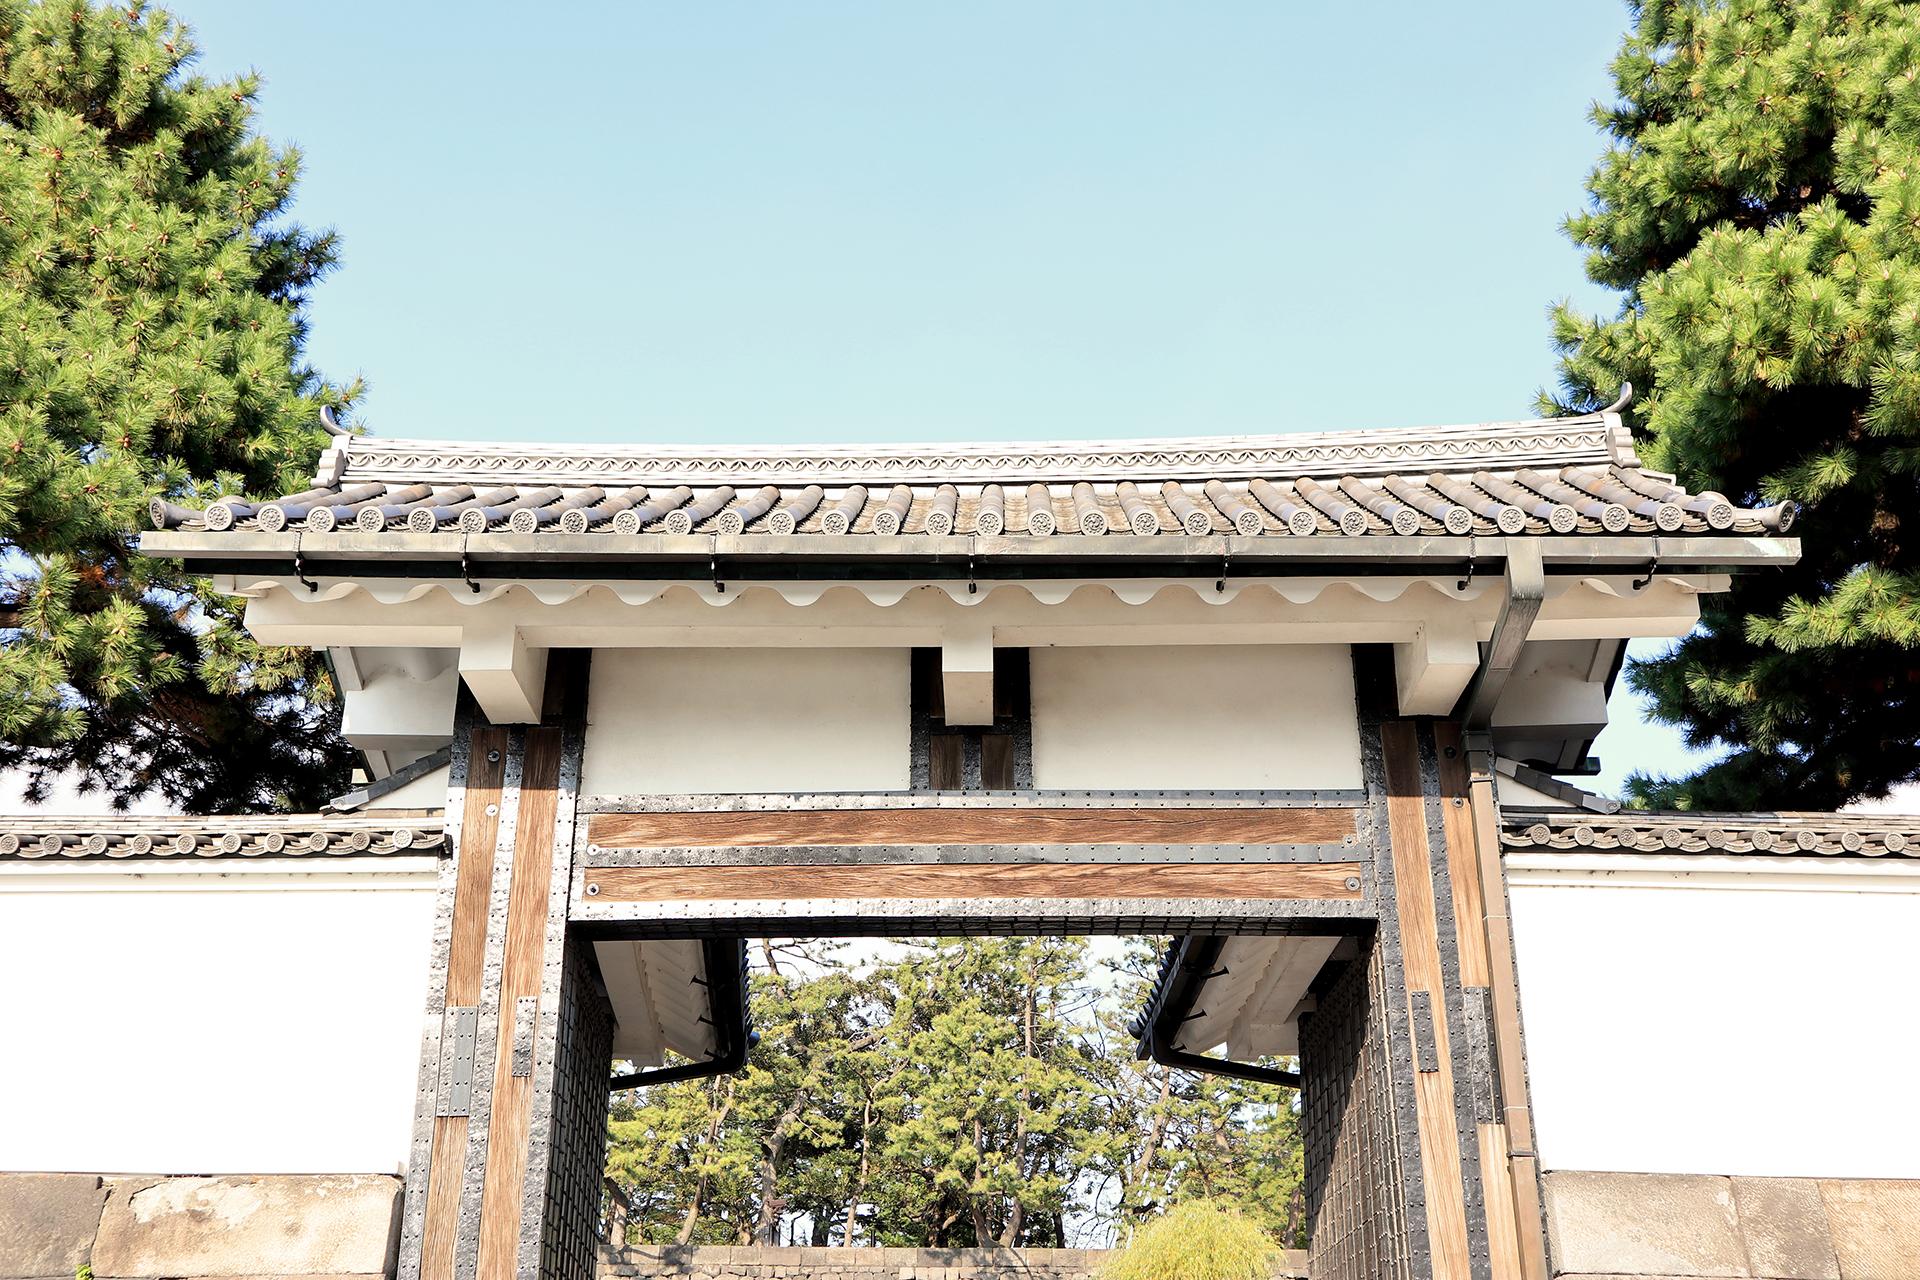 La puerta Otemon es una de las opciones más populares, ya que conecta directamente con los Jardines Orientales